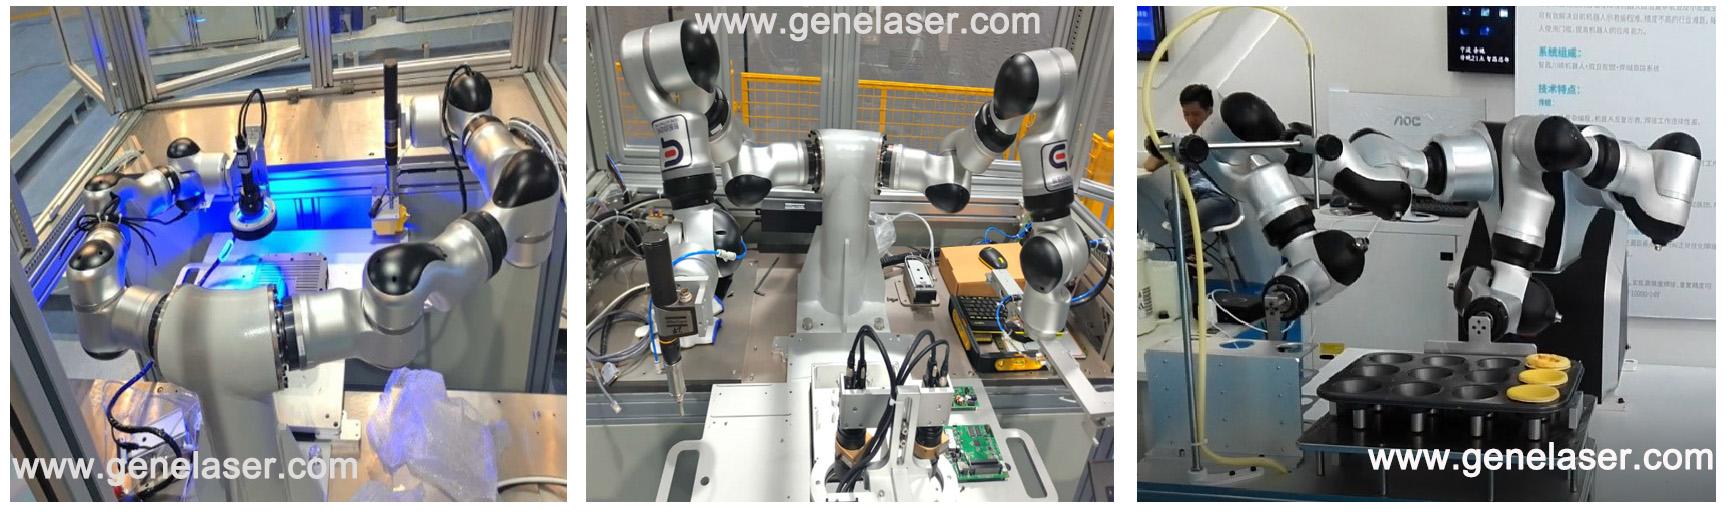 苏州智殷自动化7轴双臂协作式机器人应用场景实图协作机械臂-协作机械手-7轴柔性机械手